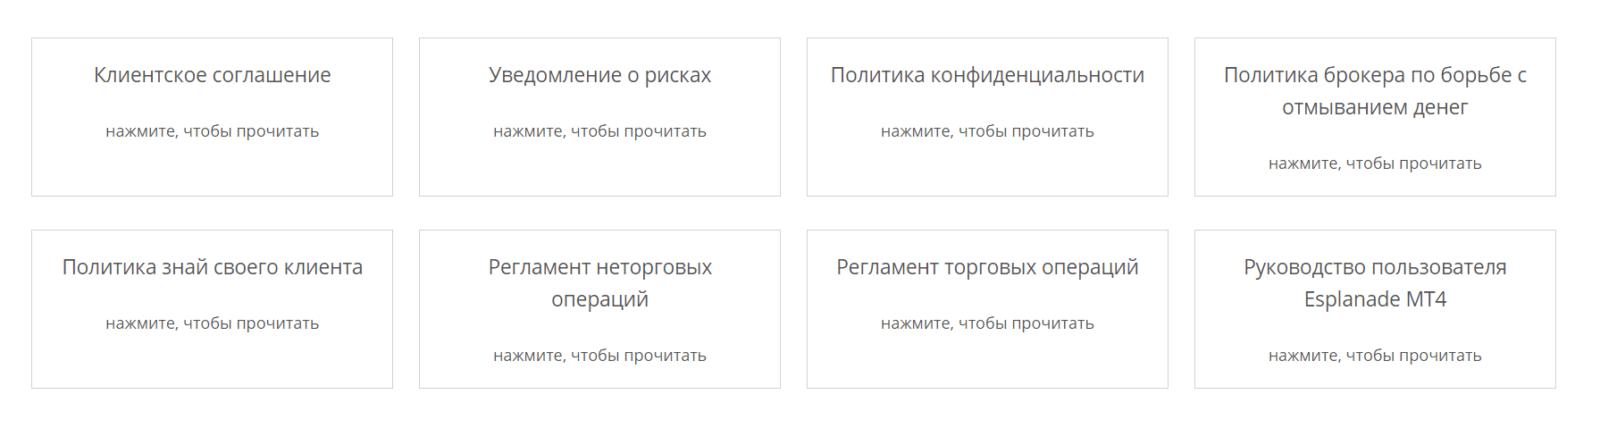 Документы Dukascopy